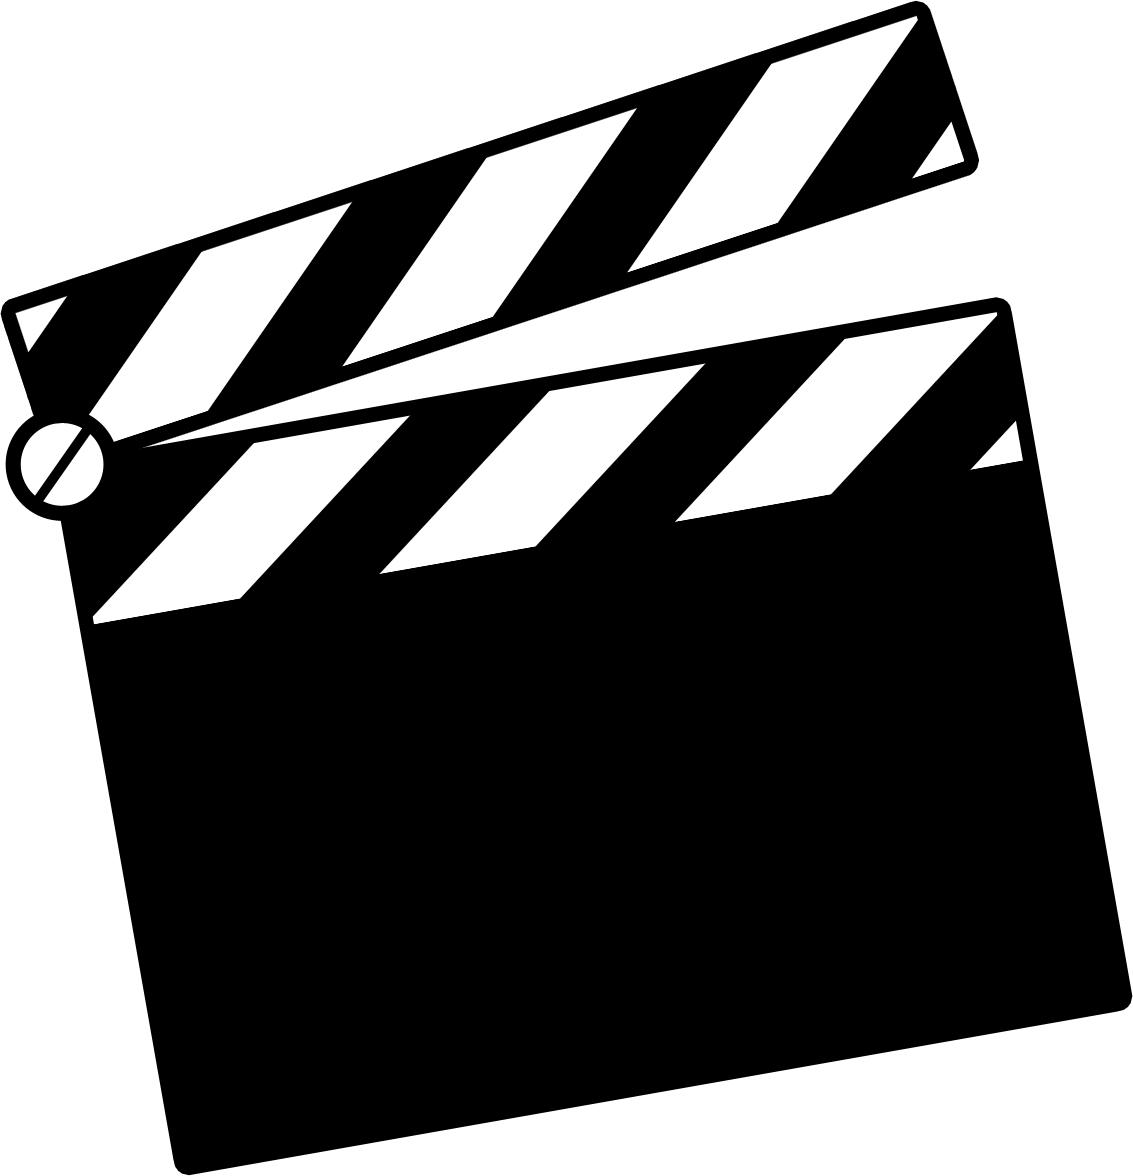 hight resolution of movie